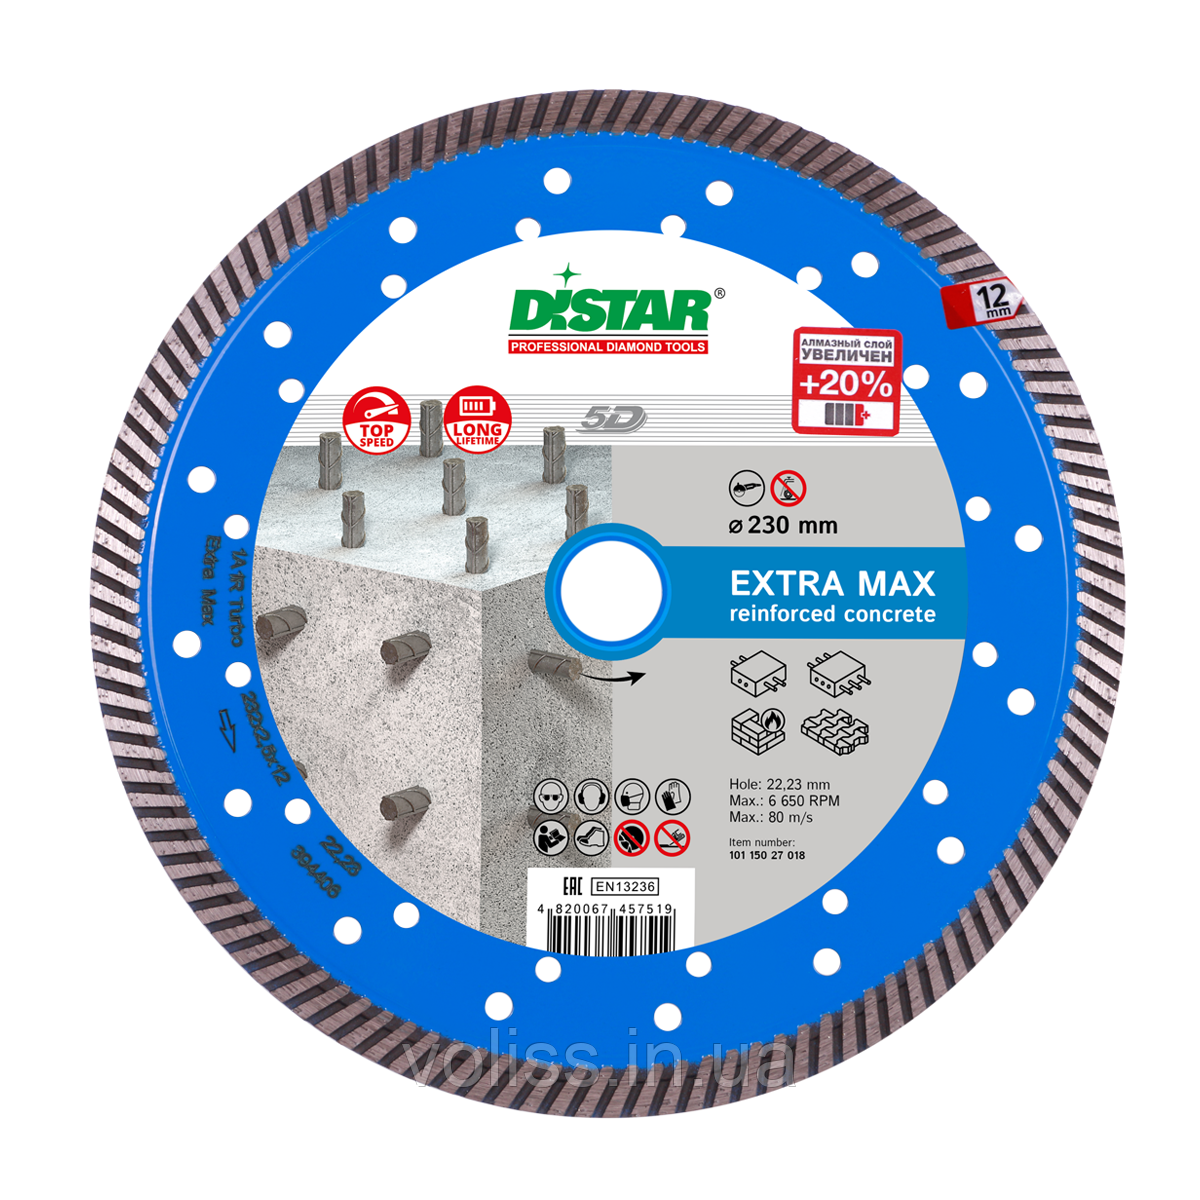 Диск алмазный Distar 230 Turbo Extra Мах 5D